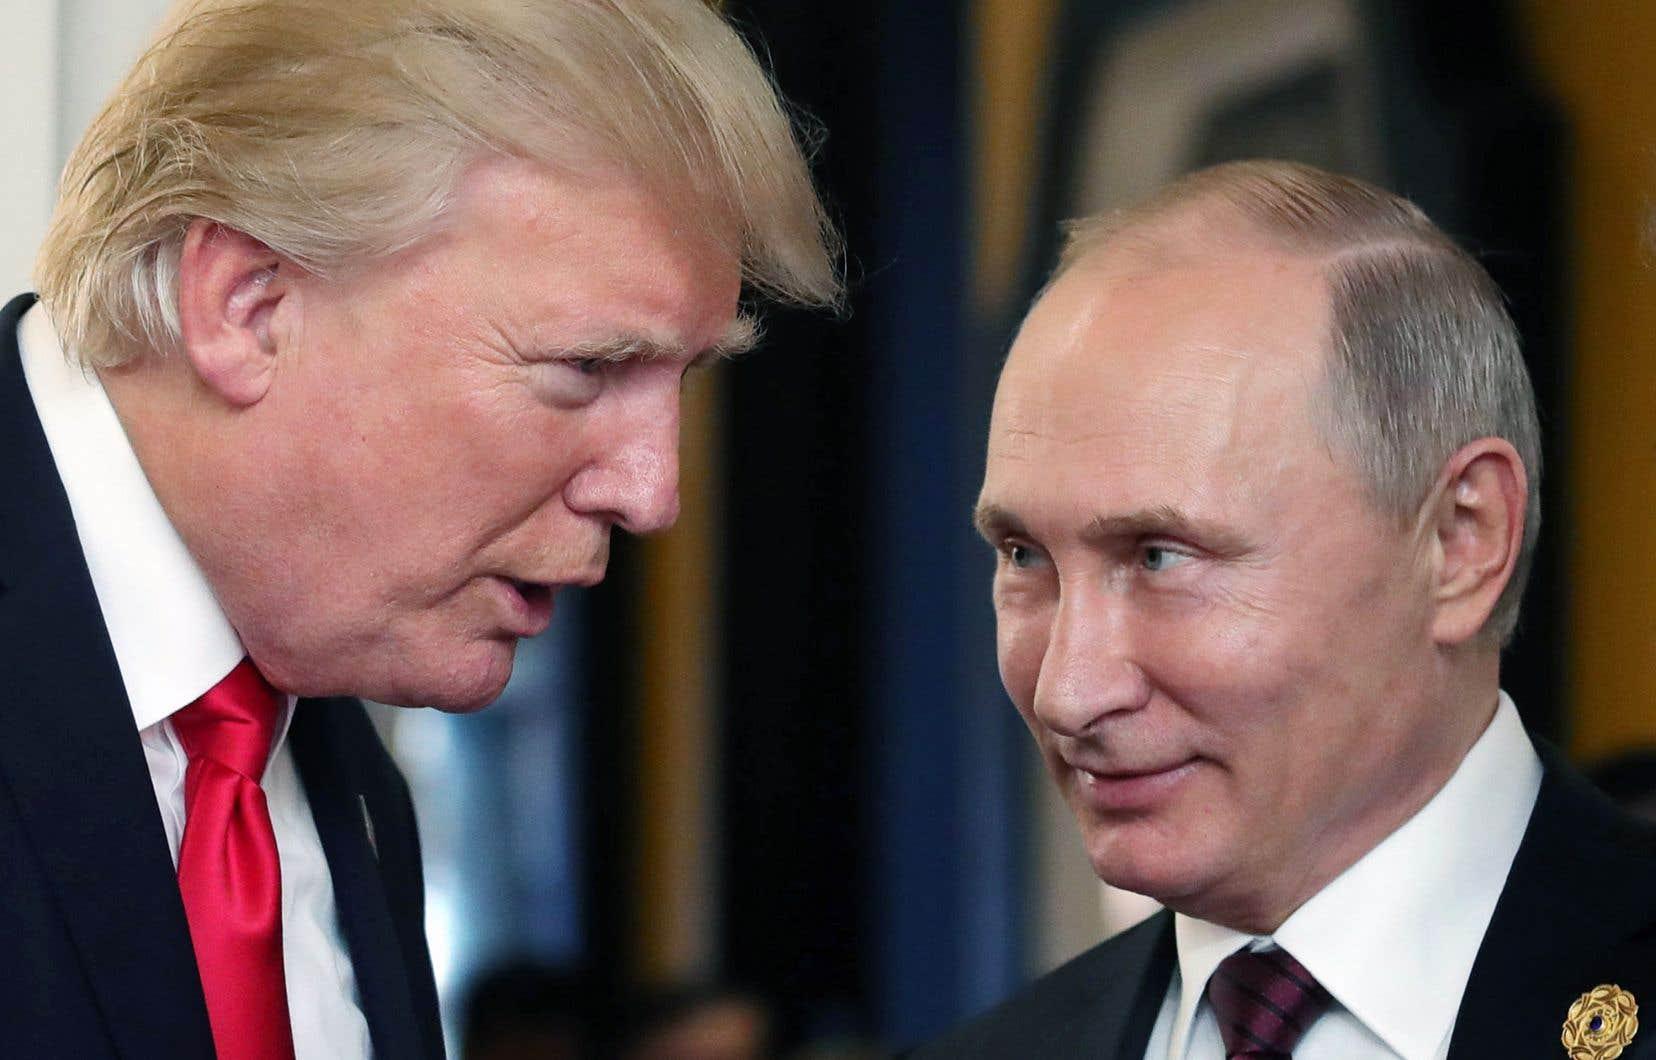 Donald Trump (à gauche) et Vladimir Poutine, lors de leur rencontre à l'occasion de la réunion annuelle de l'Organisation de coopération économique Asie-Pacifique, le 11novembre dernier